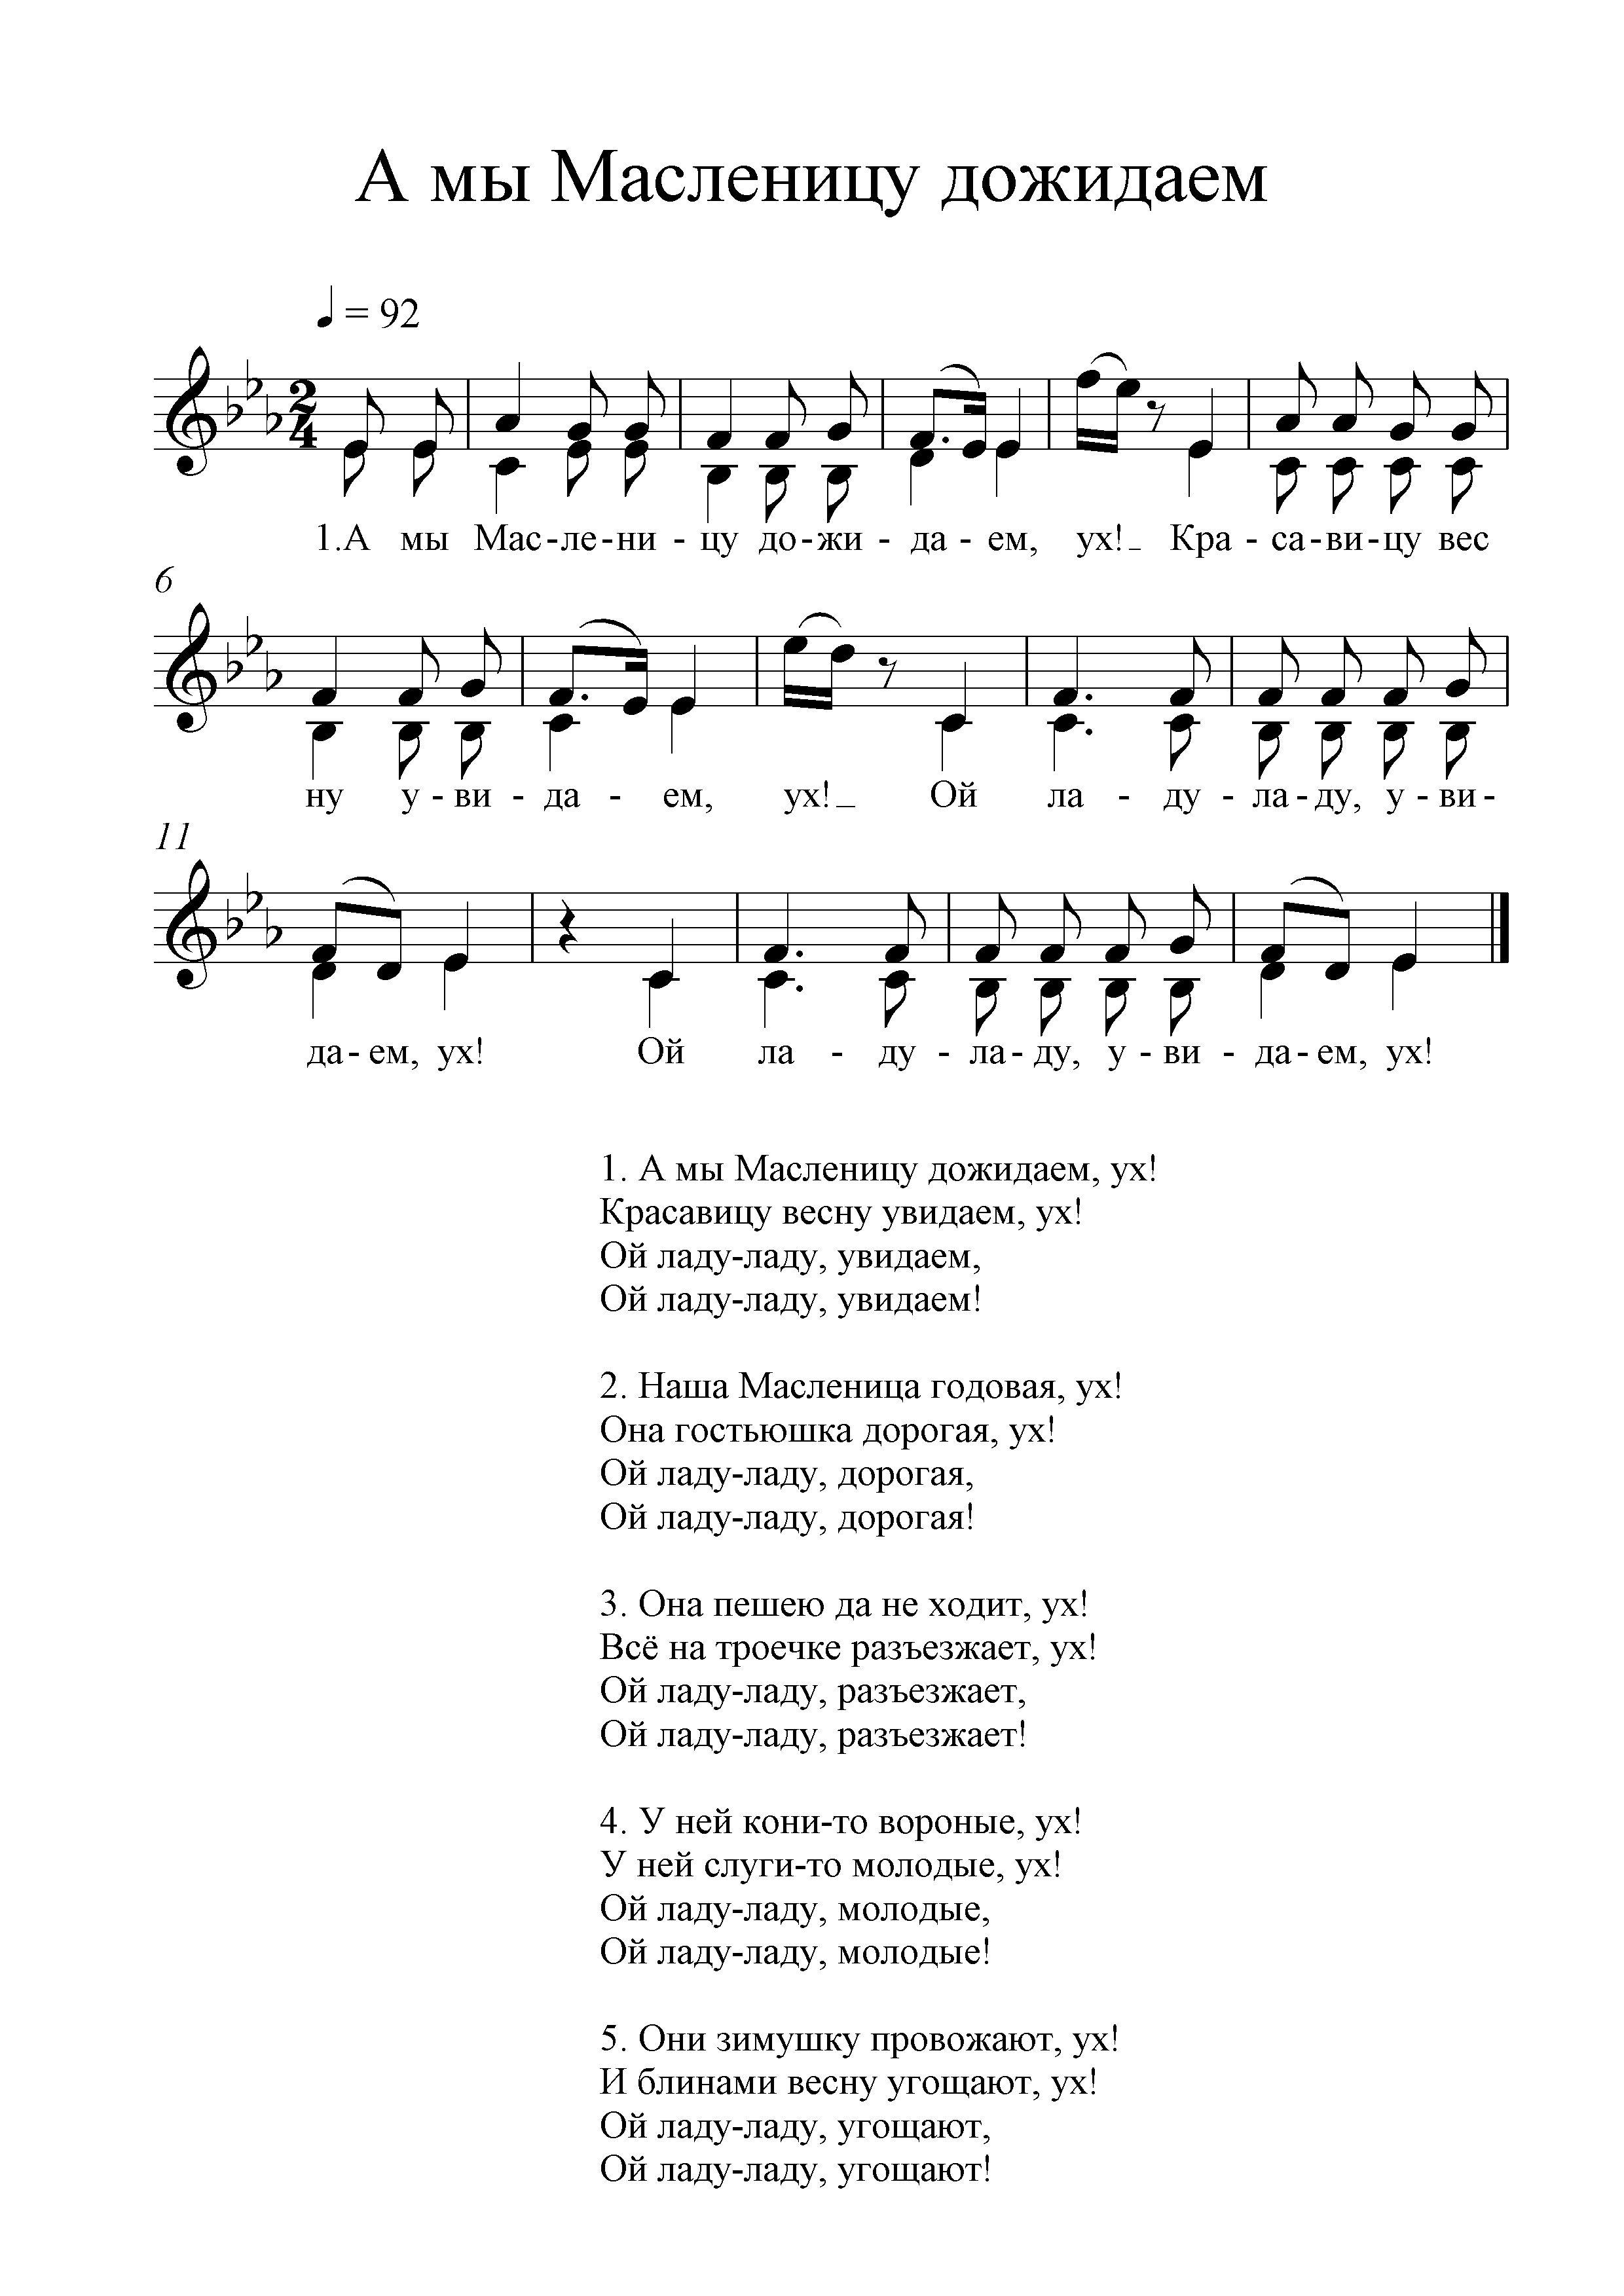 мелодии на масленицу скачать бесплатно